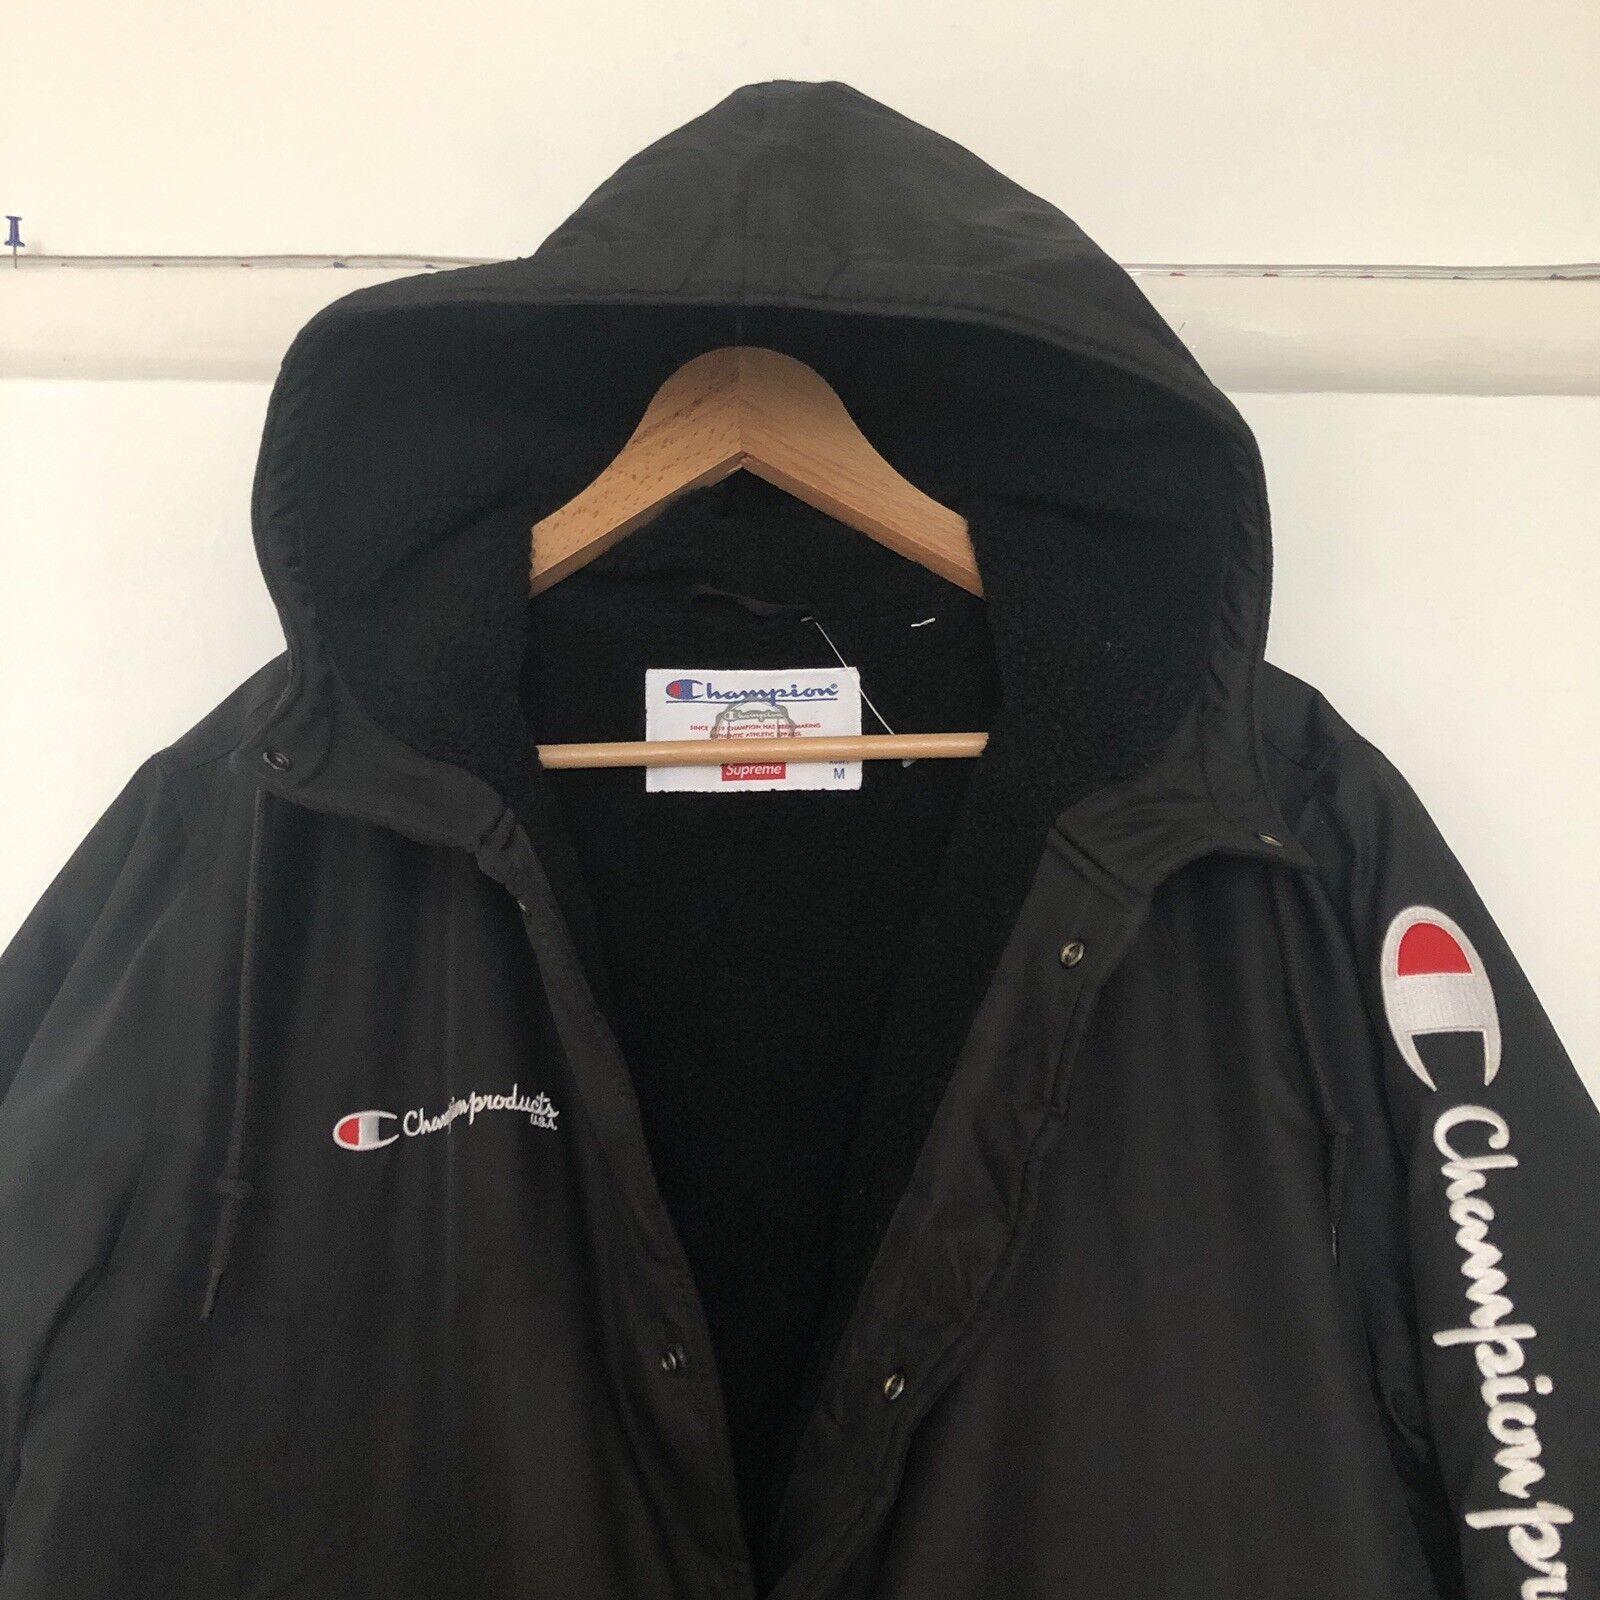 Supreme X Champion Poids lourd doublés en en en polaire imperméable long manteau. taille moyenne. edcf72